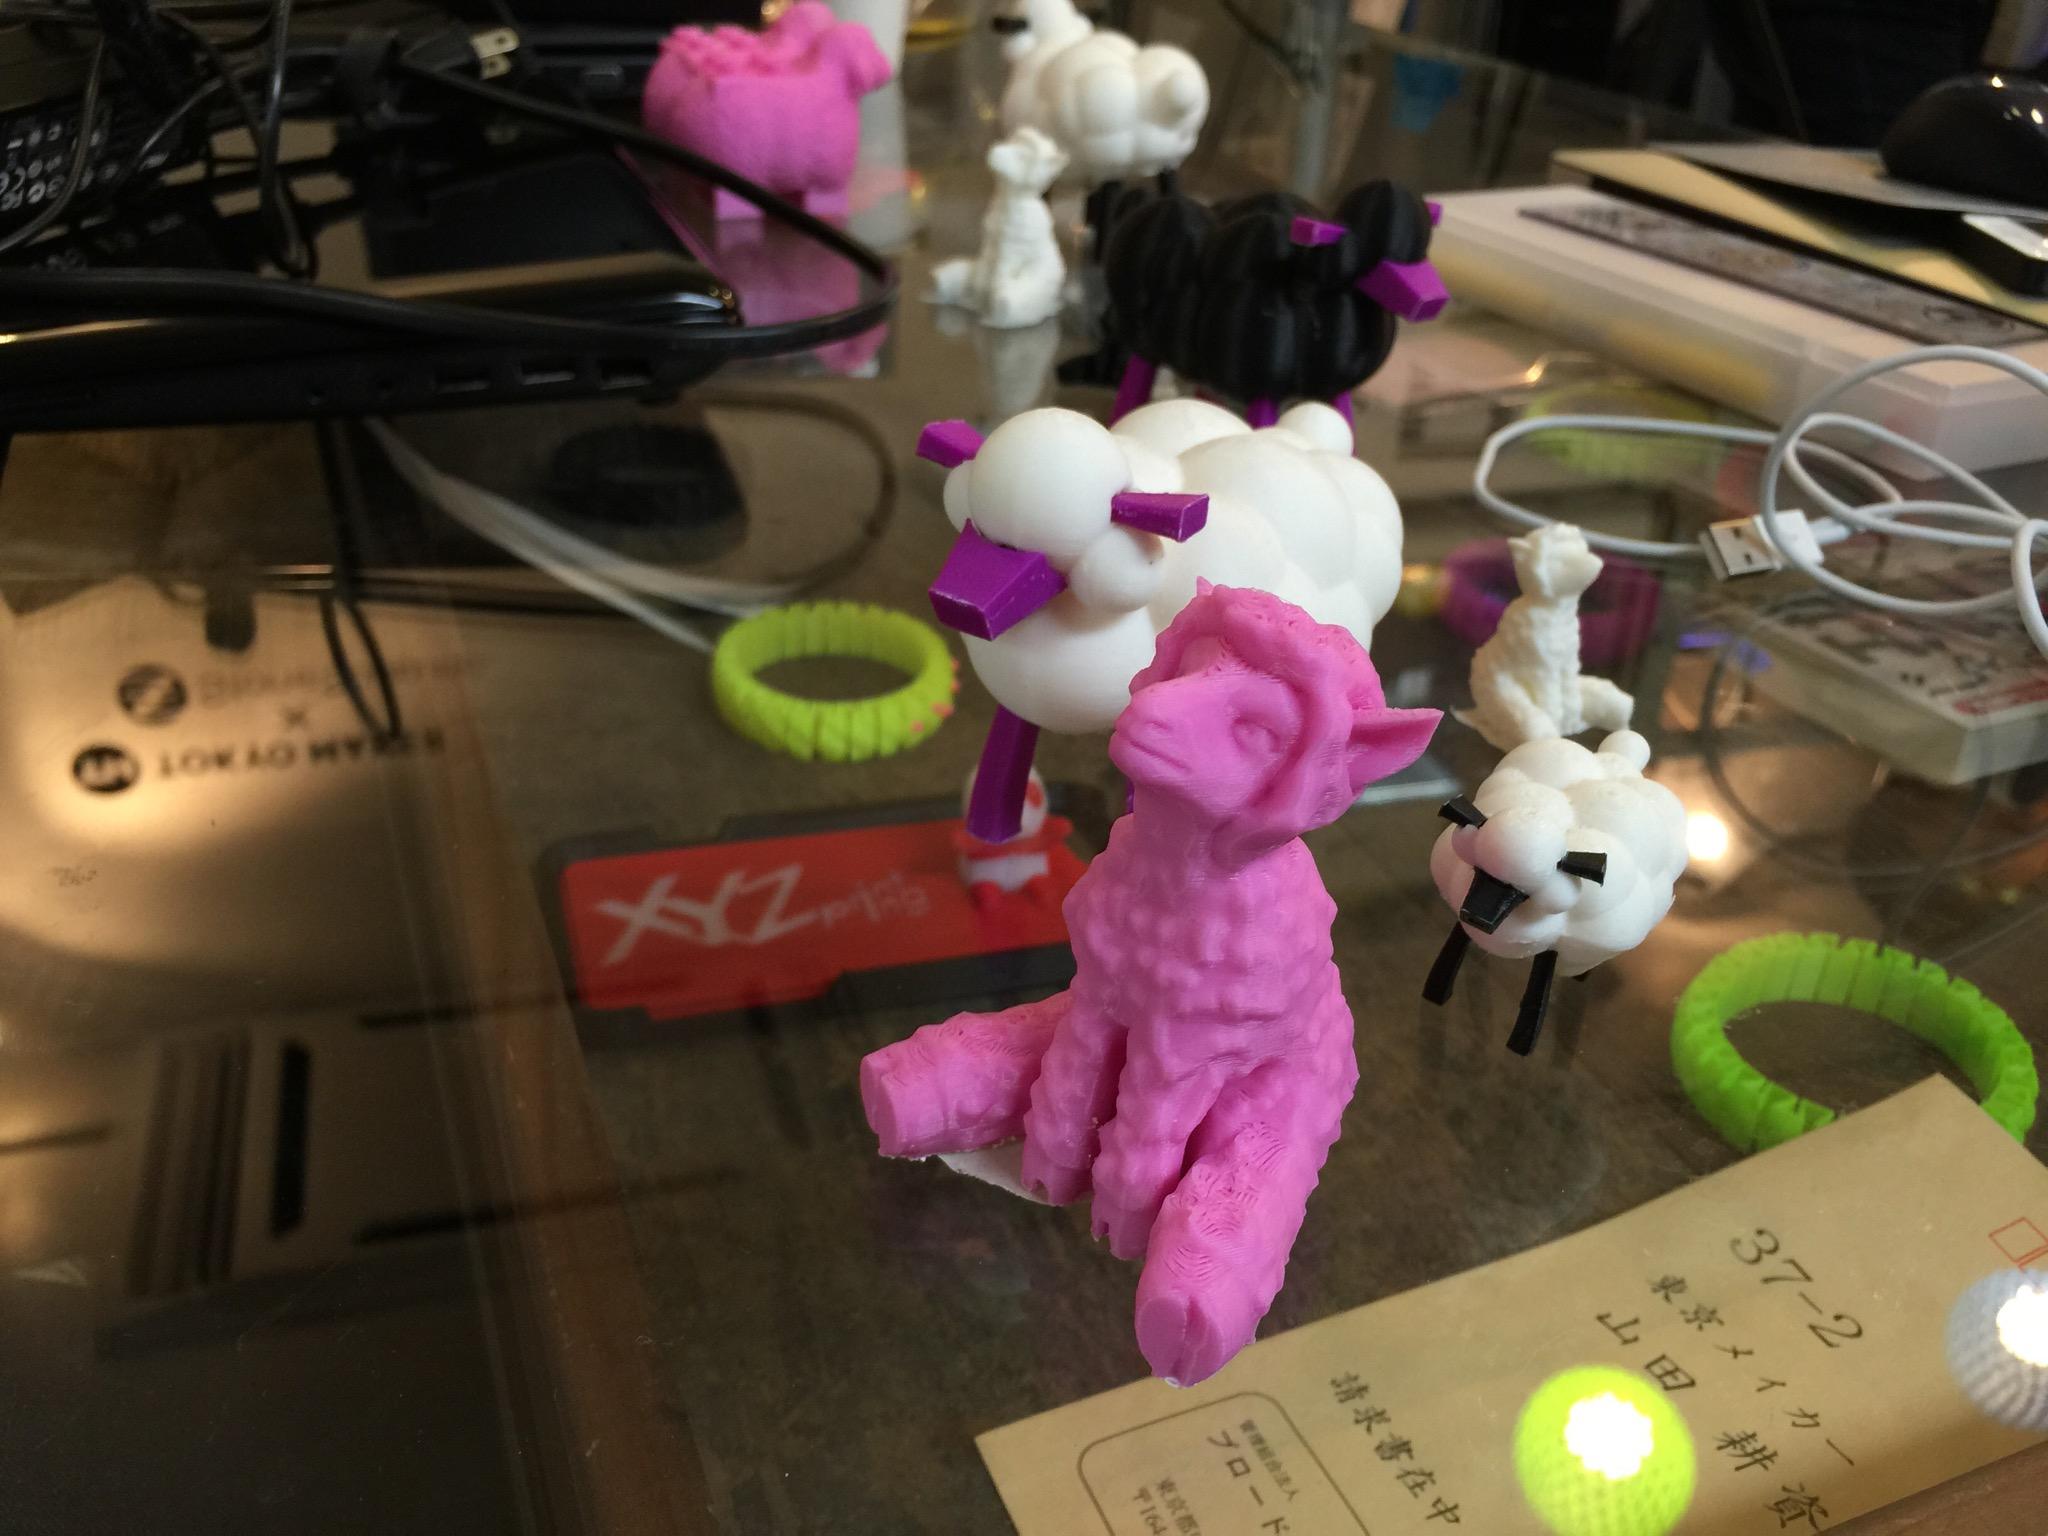 今日の昼は中野の「あッ3Dプリンター屋だッ!!」さんに遊びに行きました。